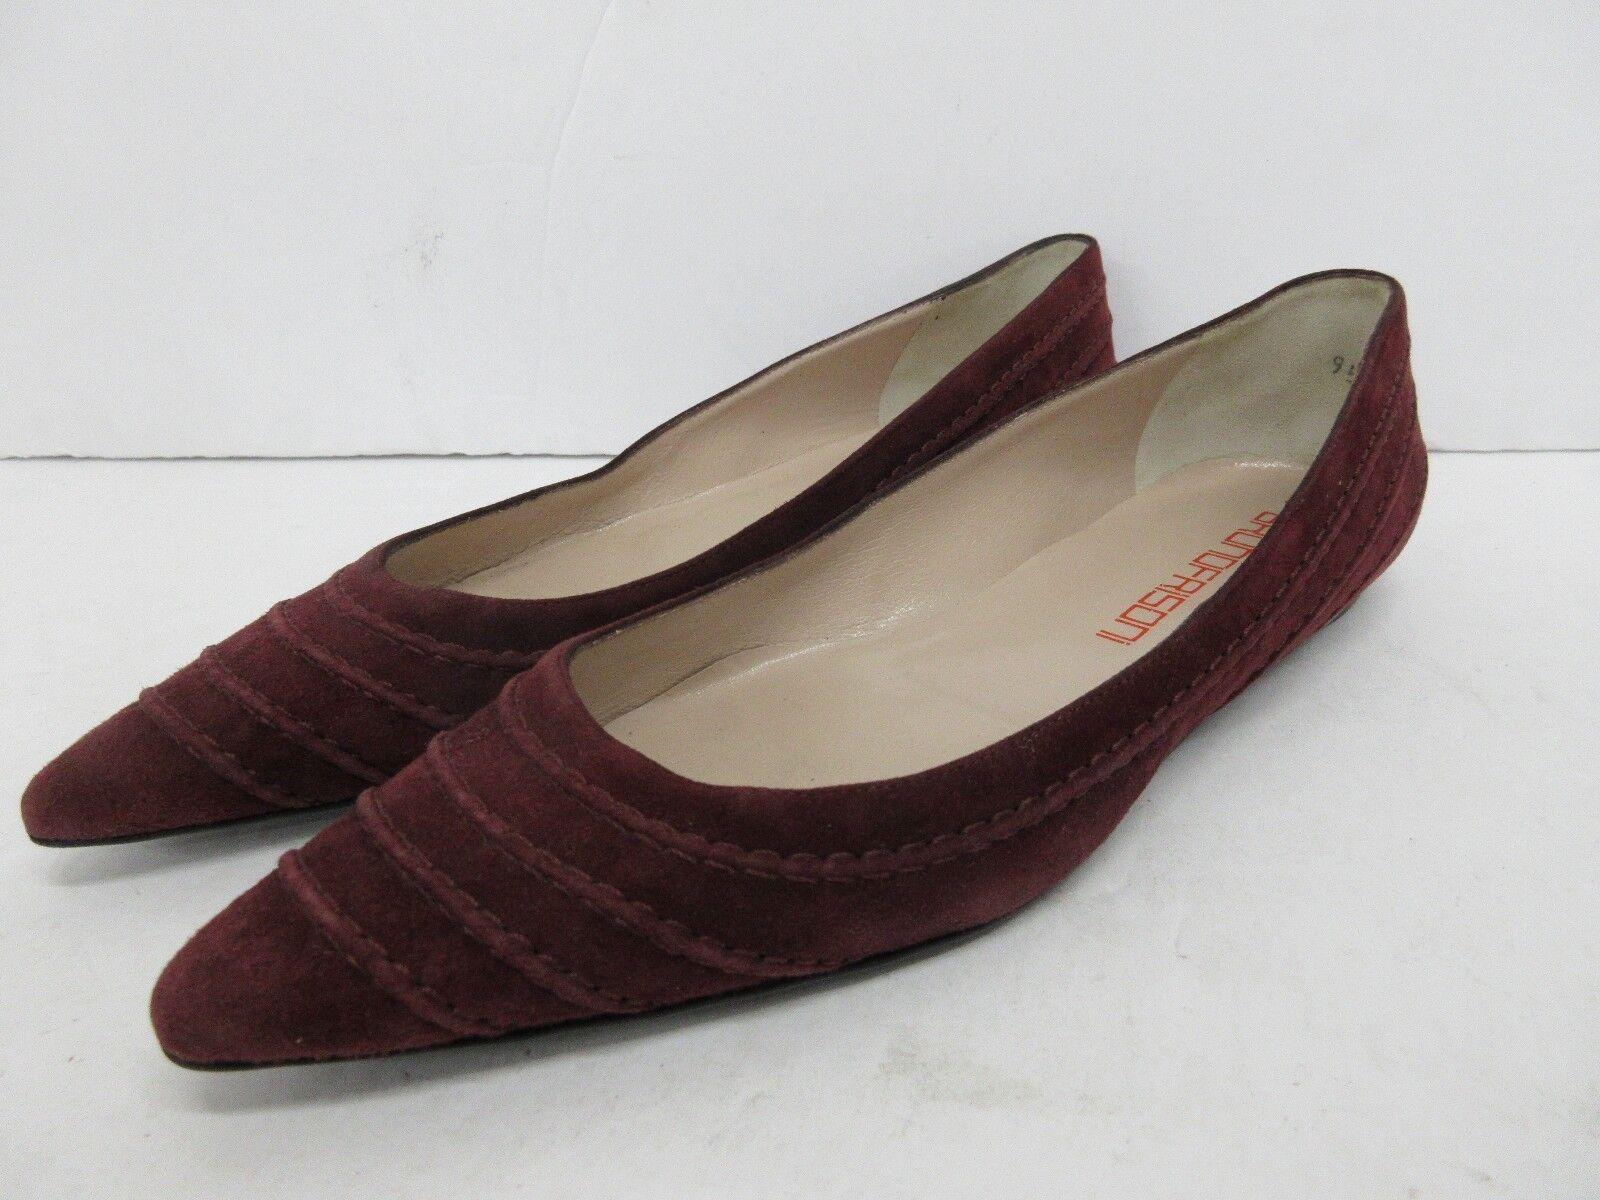 Bruno Frisoni Suede Leder Pointed Toe Flats in Burgundy Größe: 39 EUR